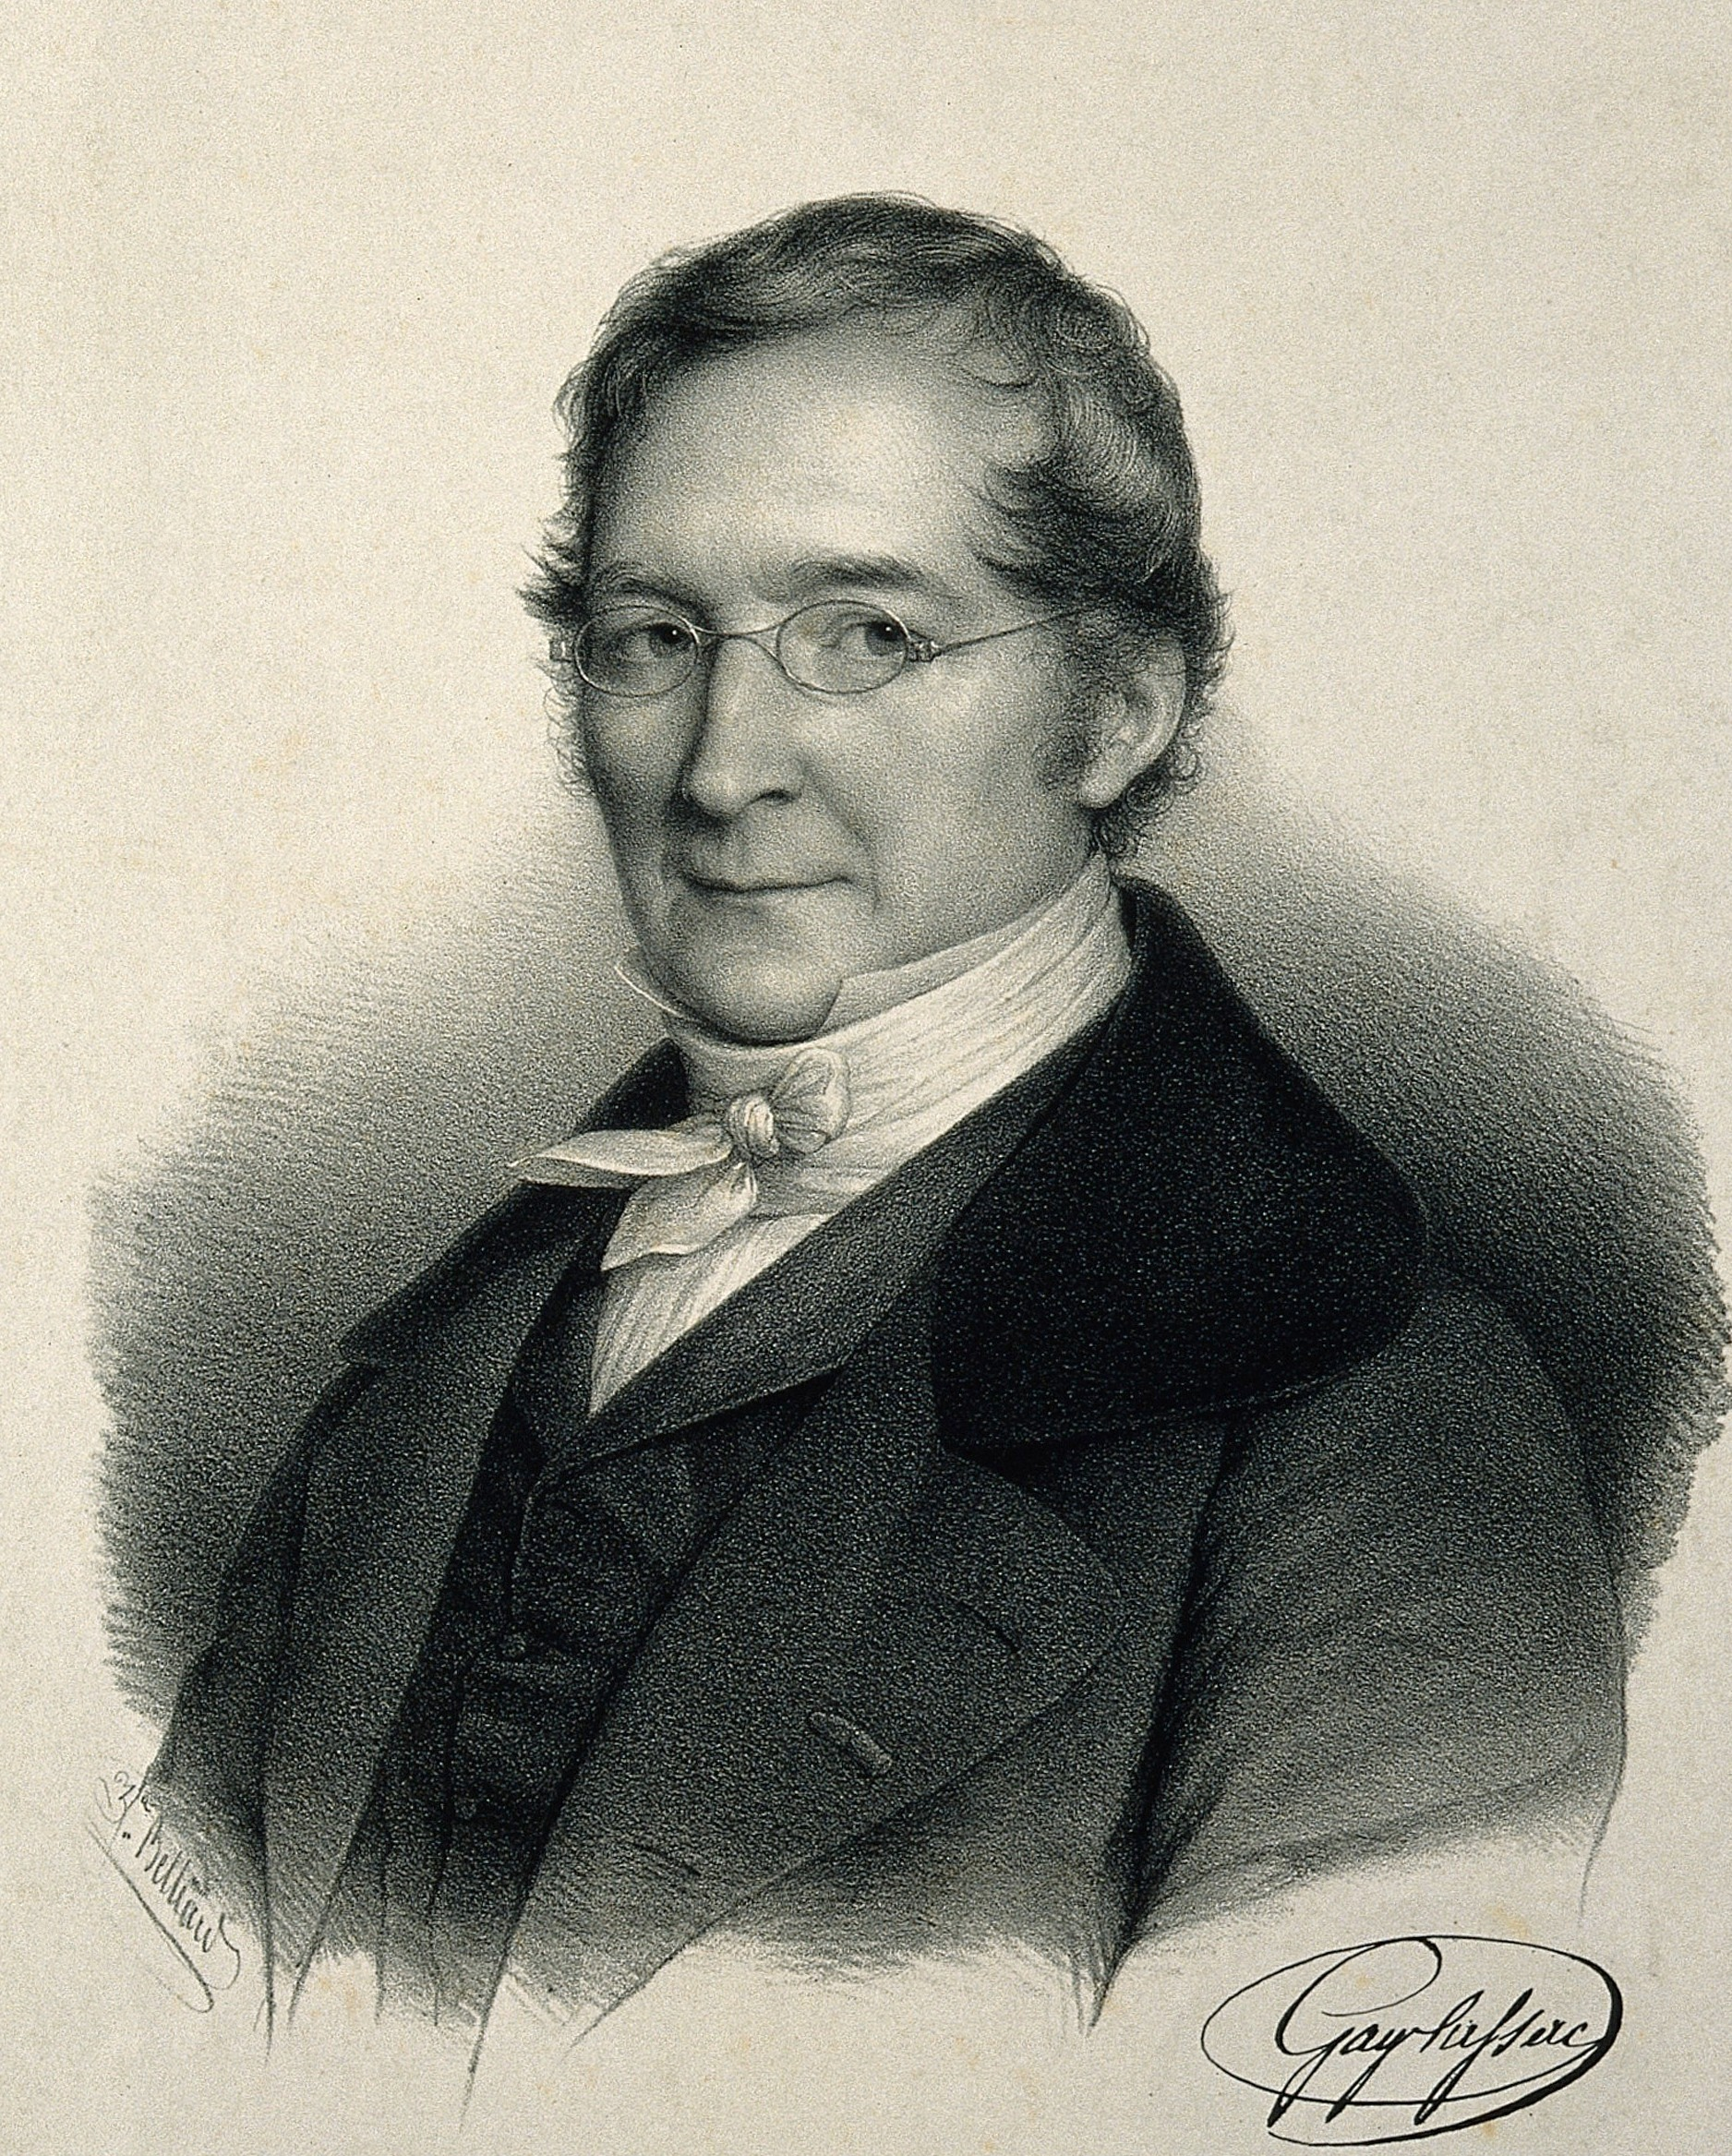 L.J. Gay-Lussac